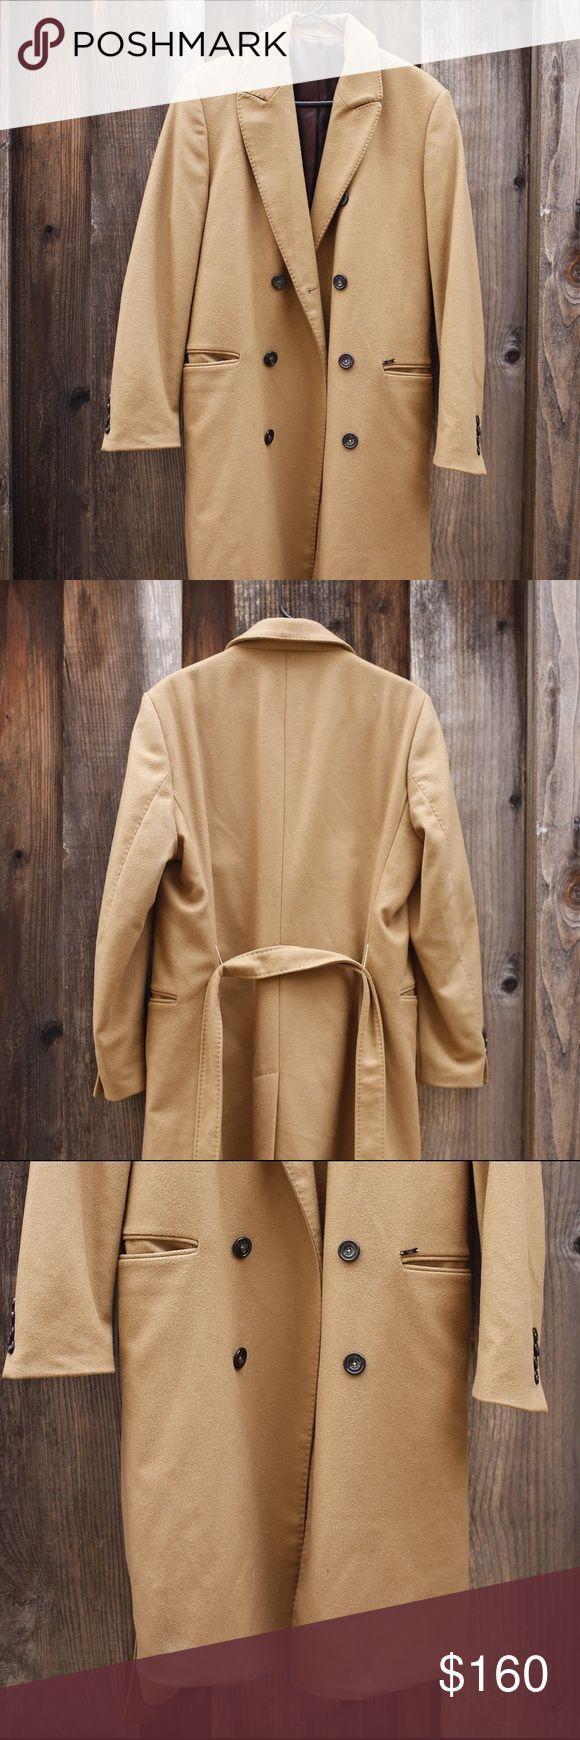 Zara men camel overcoat SIZE LARGE FITS LIKE A MEDIUM Zara Jackets & Coats